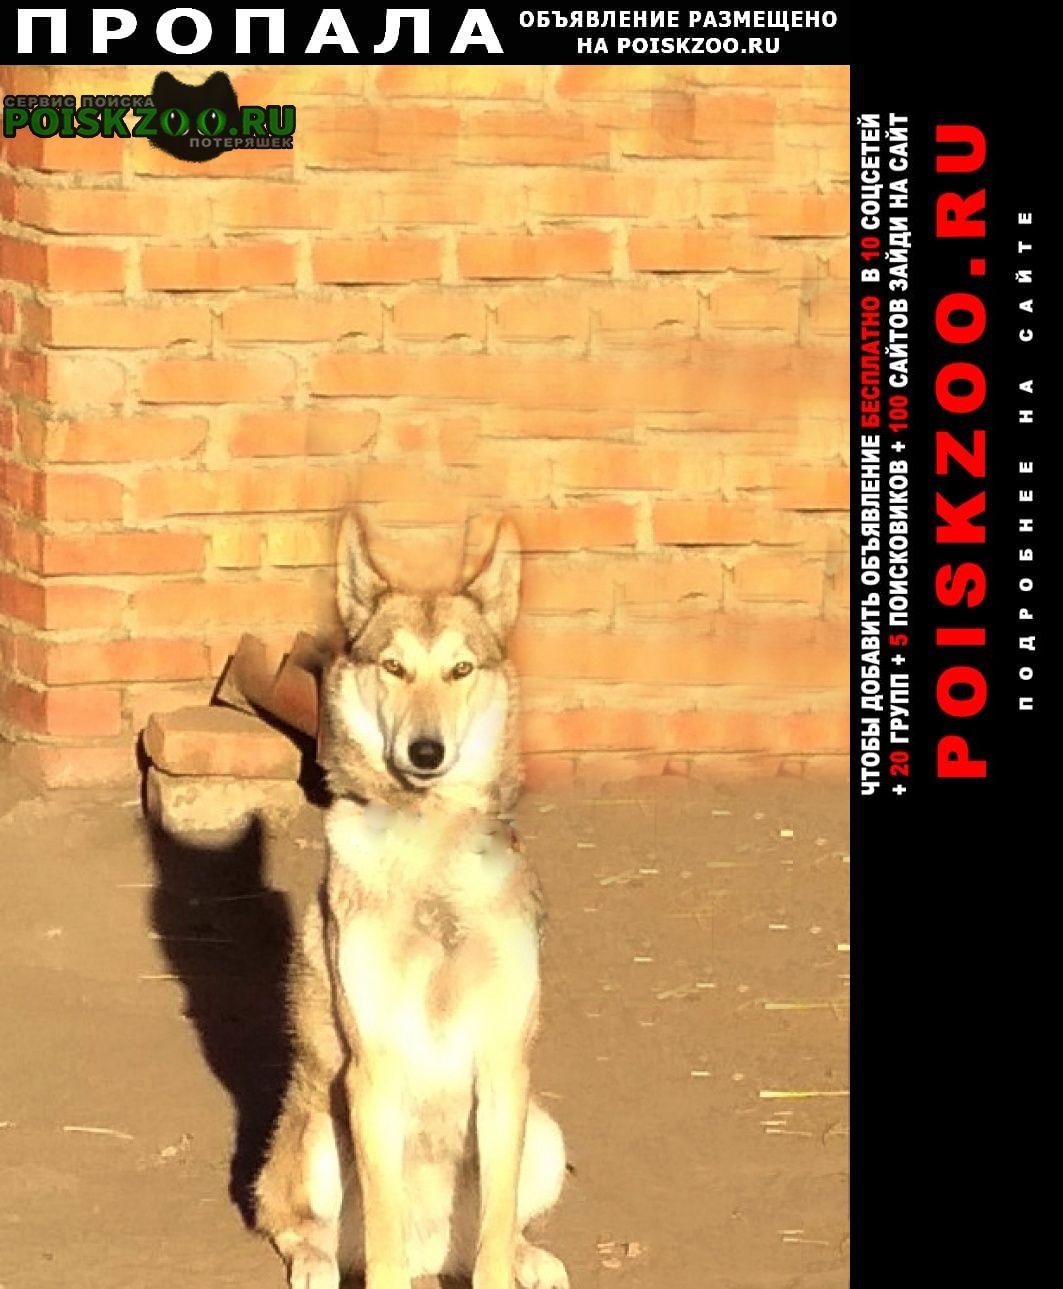 Пропала собака Урюпинск